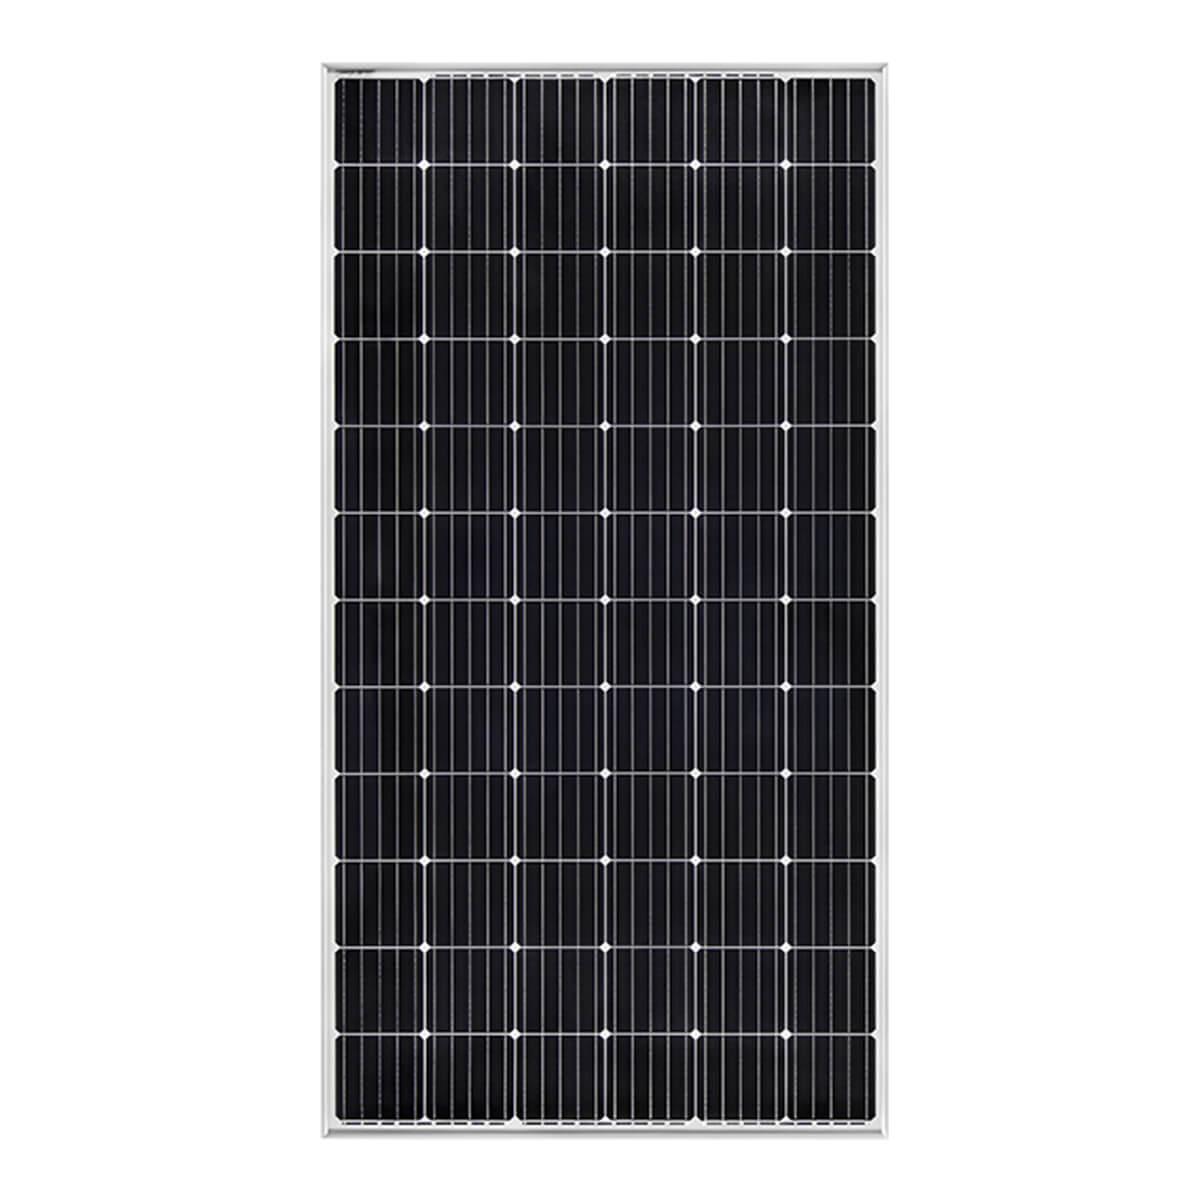 plurawatt 405W panel, plurawatt 405Watt panel, plurawatt 405 W panel, plurawatt 405 Watt panel, plurawatt 405 Watt monokristal panel, plurawatt 405 W watt gunes paneli, plurawatt 405 W watt monokristal gunes paneli, plurawatt 405 W Watt fotovoltaik monokristal solar panel, plurawatt 405W monokristal gunes enerjisi, plurawatt dc-l72-405W panel, PLURAWATT 405 WATT